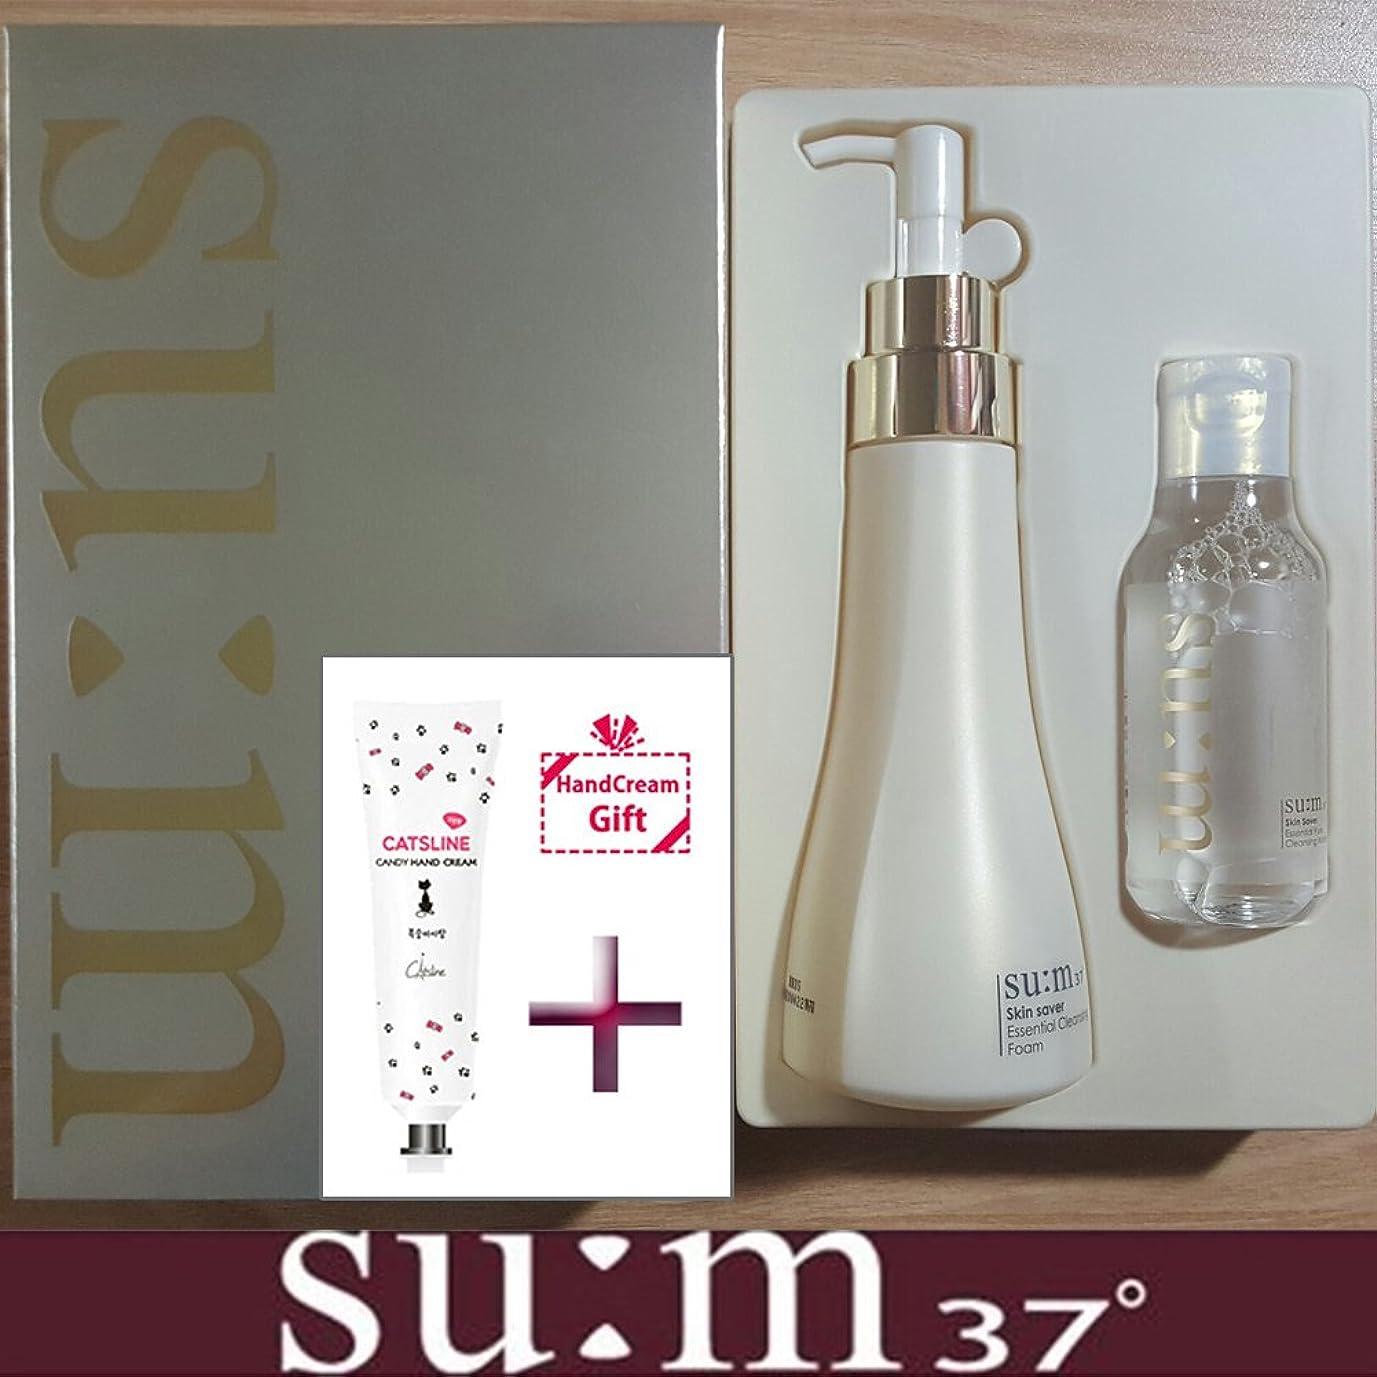 レギュラー操作可能該当する[su:m37/スム37°] sum37°Skin saver Essential Cleansing Foam Specail Set/スキンセーバーエッセンシャルクレンジングフォームスペシャルセット +[Sample Gift](海外直送品)